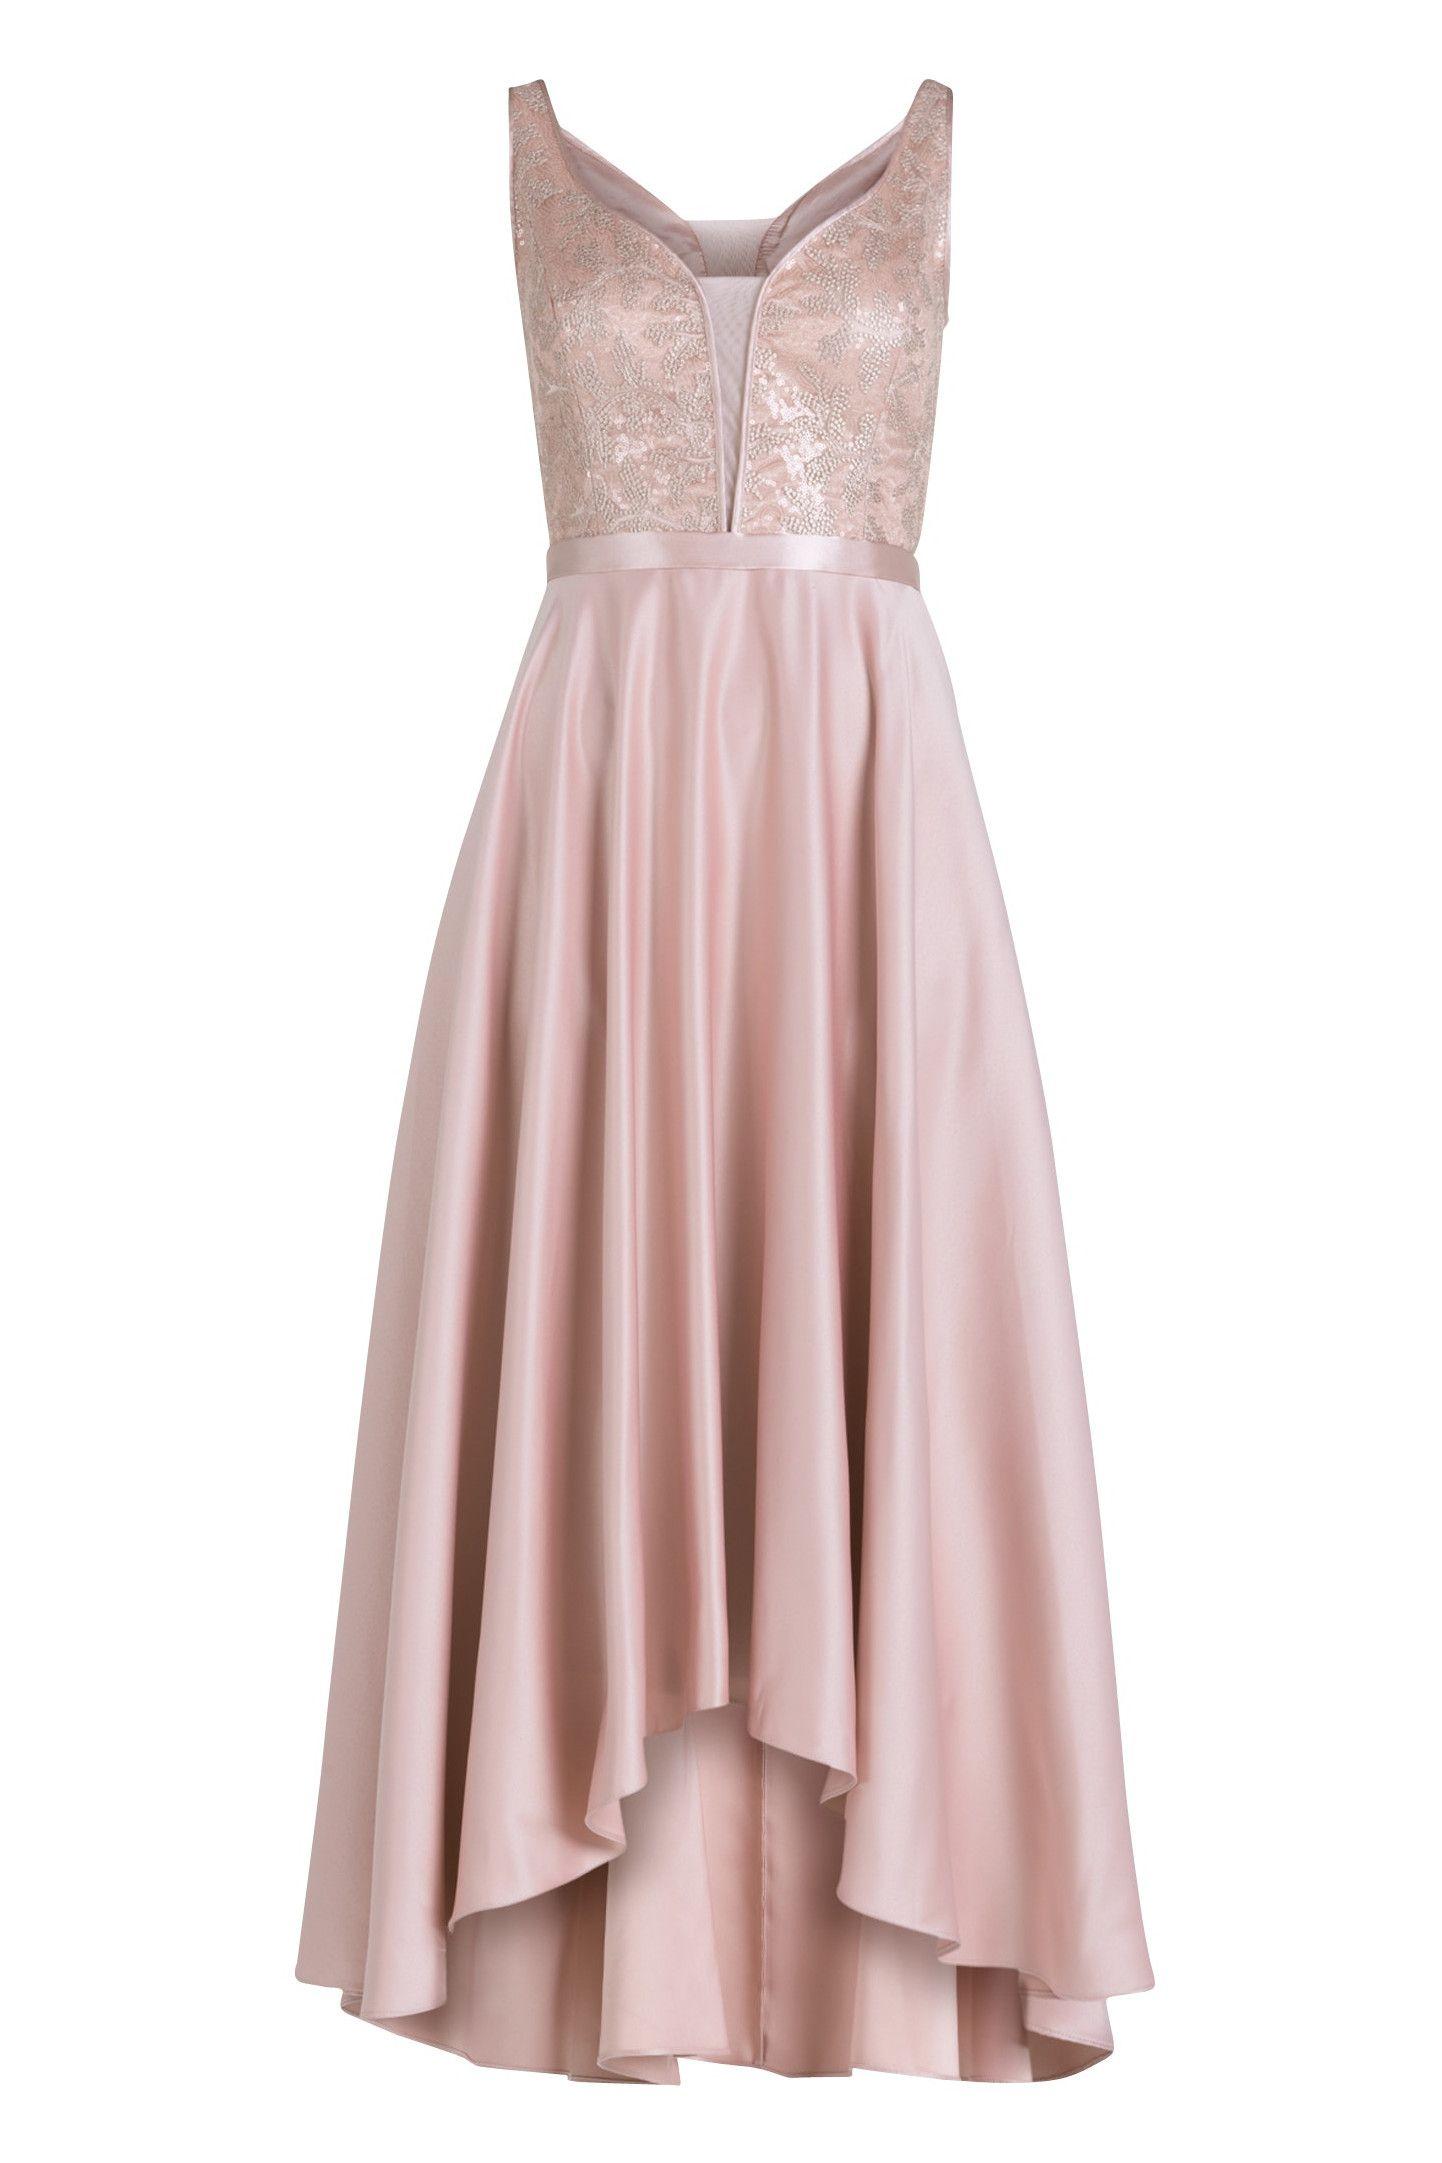 Pin von TS auf Grand dresses  Vokuhila kleid, Abendkleid, Kleider